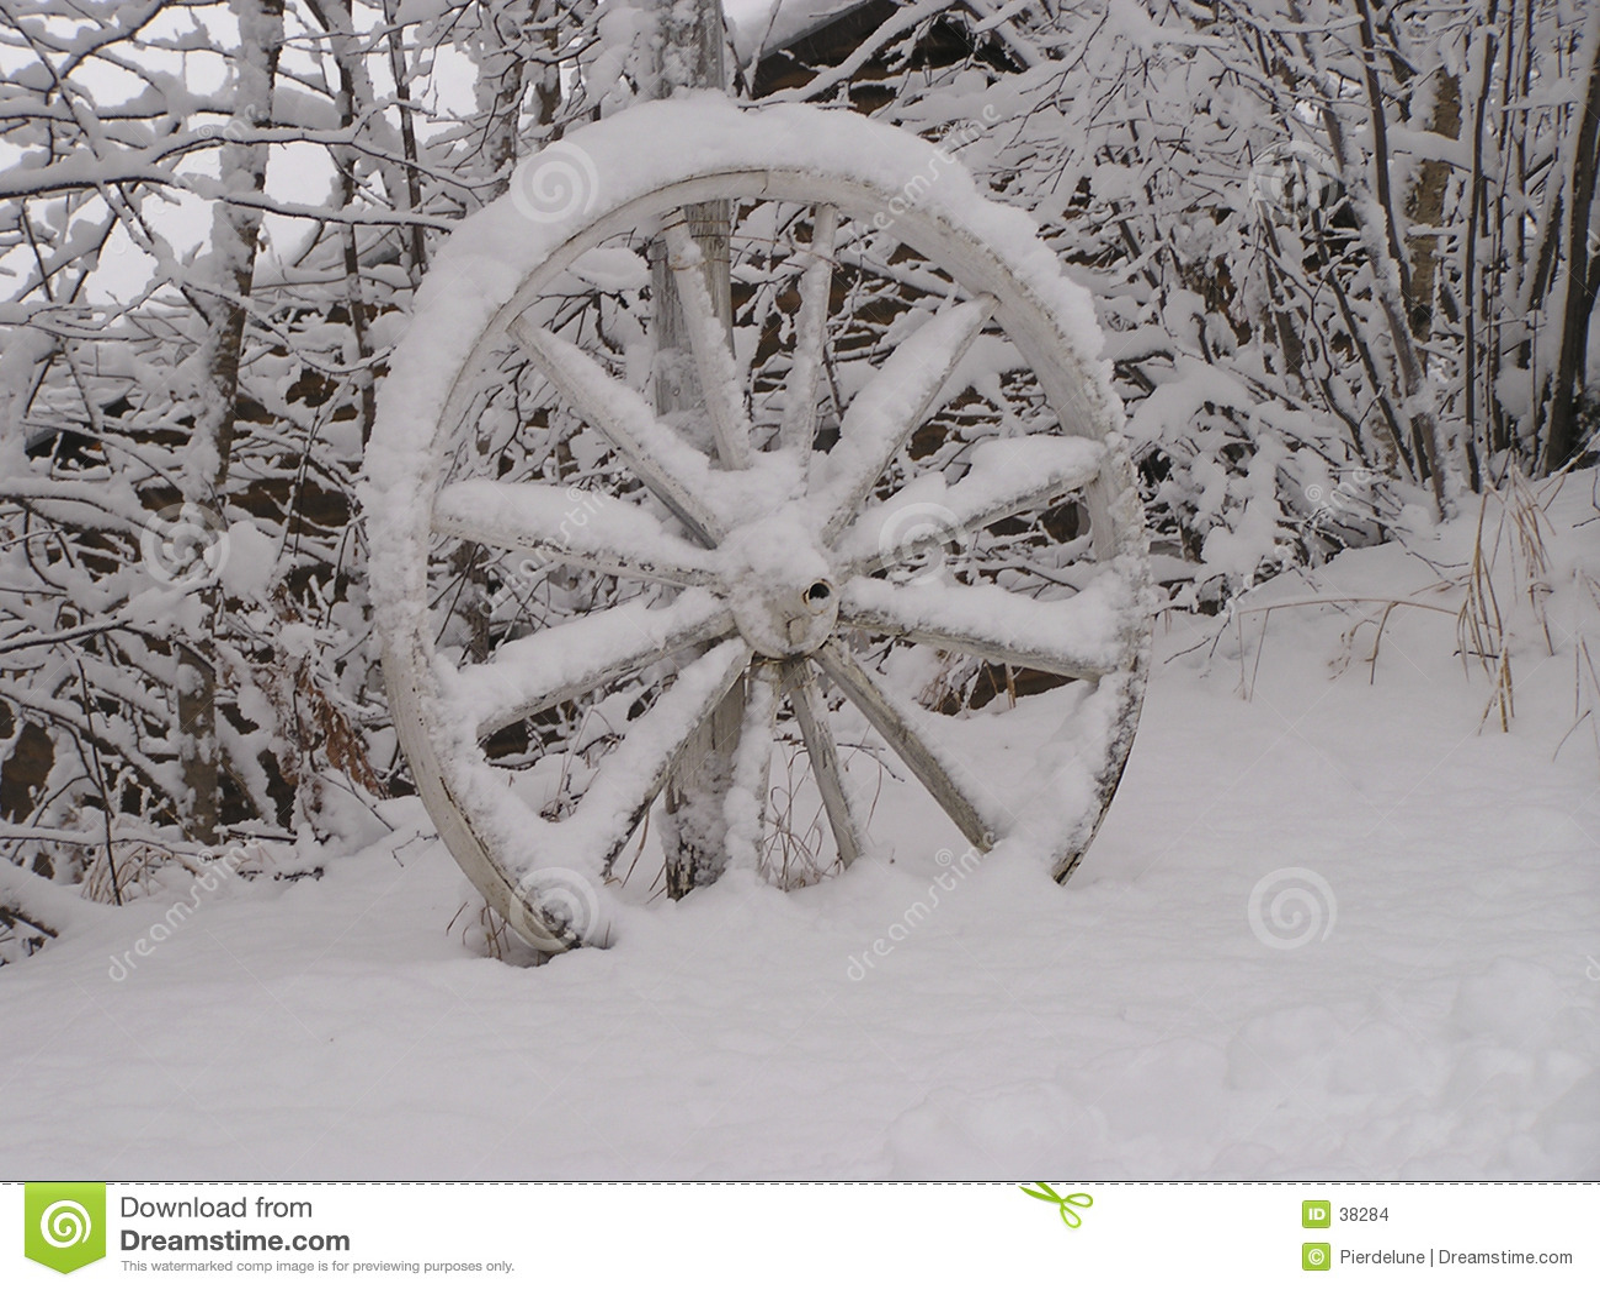 Zjadłam wagon wheel opuszczonego